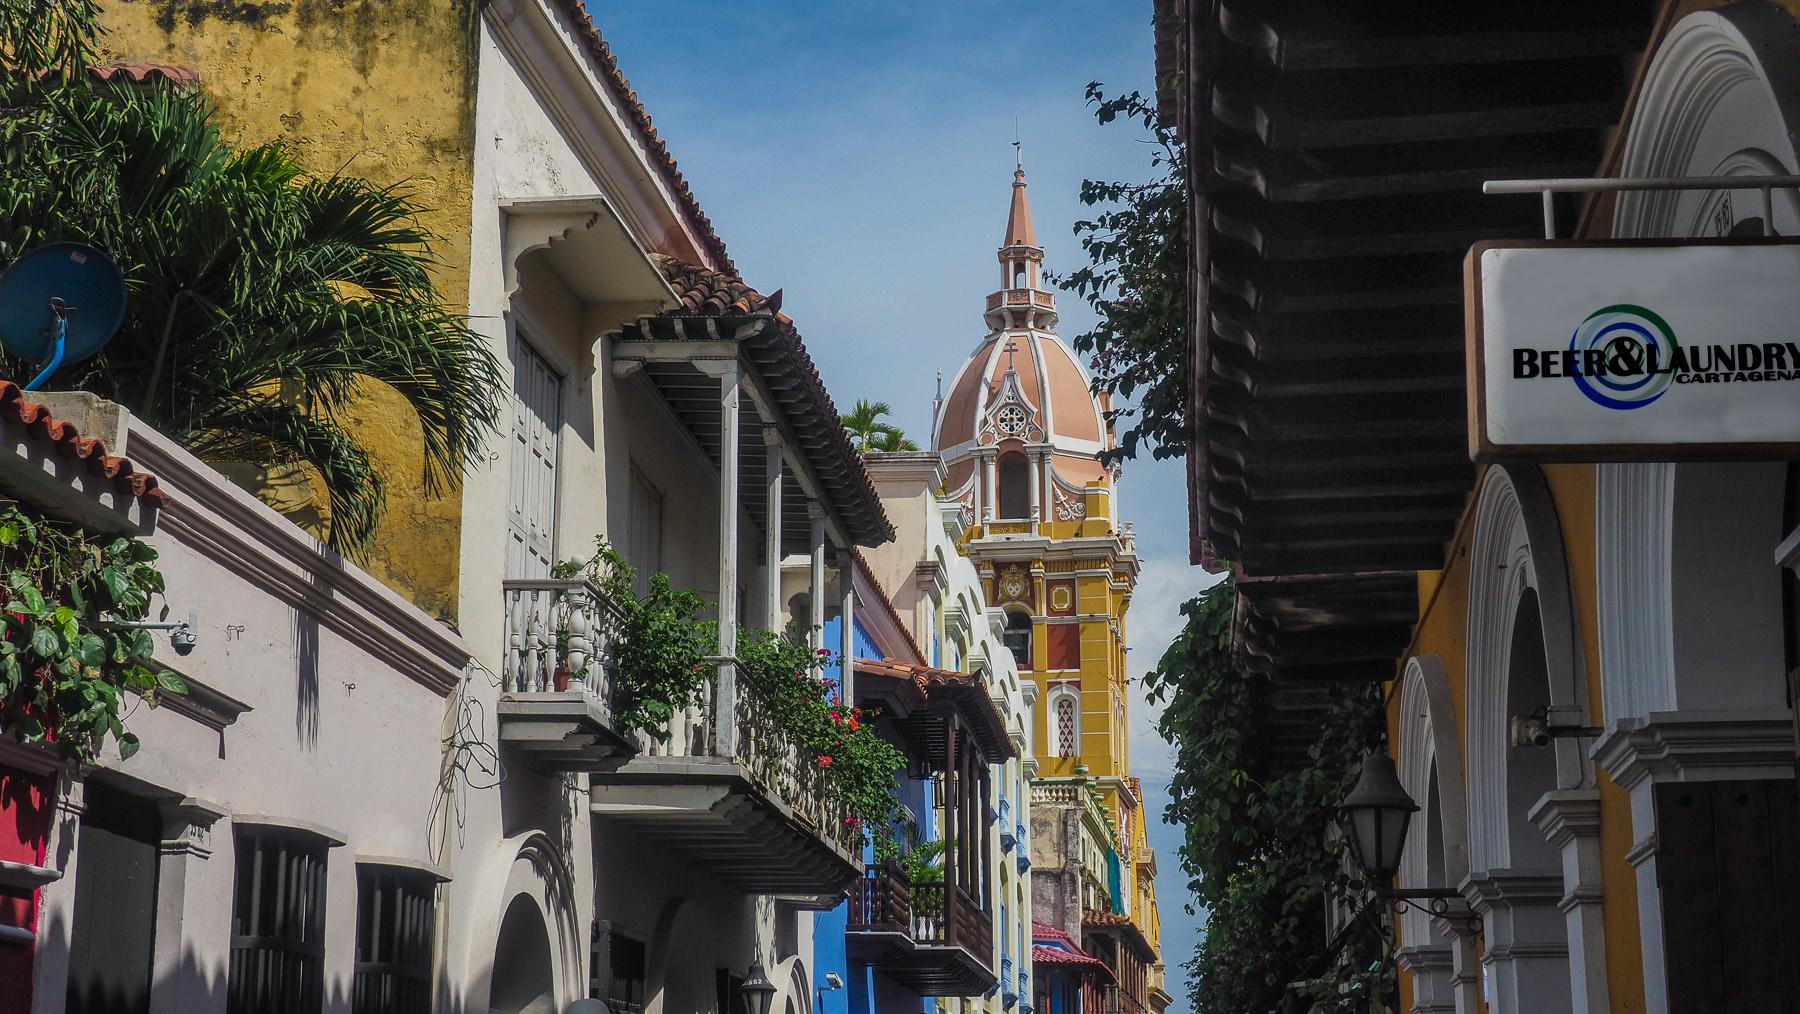 Altstadt mit der Iglesia de San Pedro. Interessante Geschäftsidee im Vordergrund: Biertrinken beim Wäschewaschen